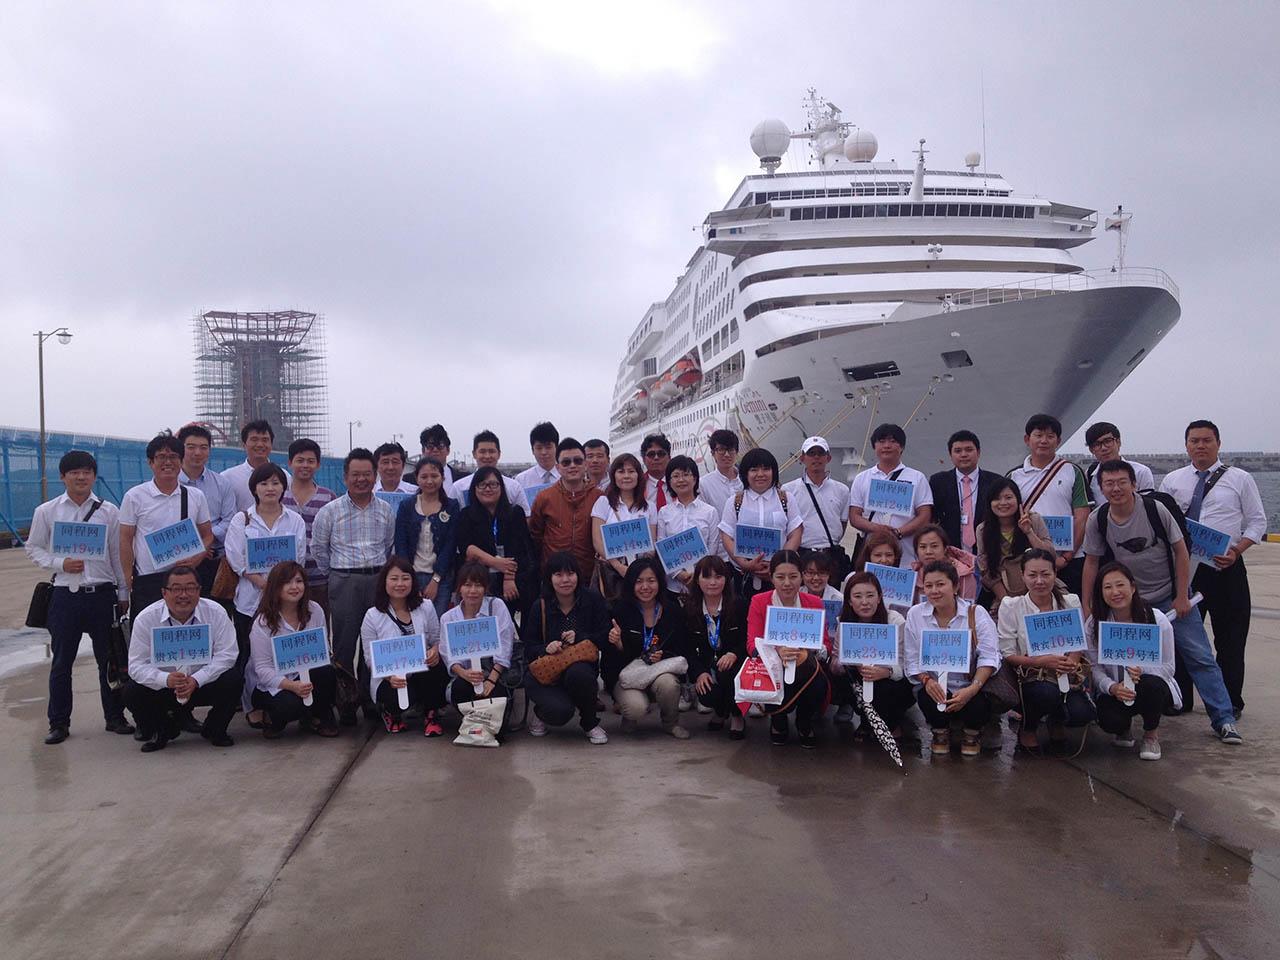 1   2013年6月8号,第一艘邮轮包船,顺利起航!.jpg